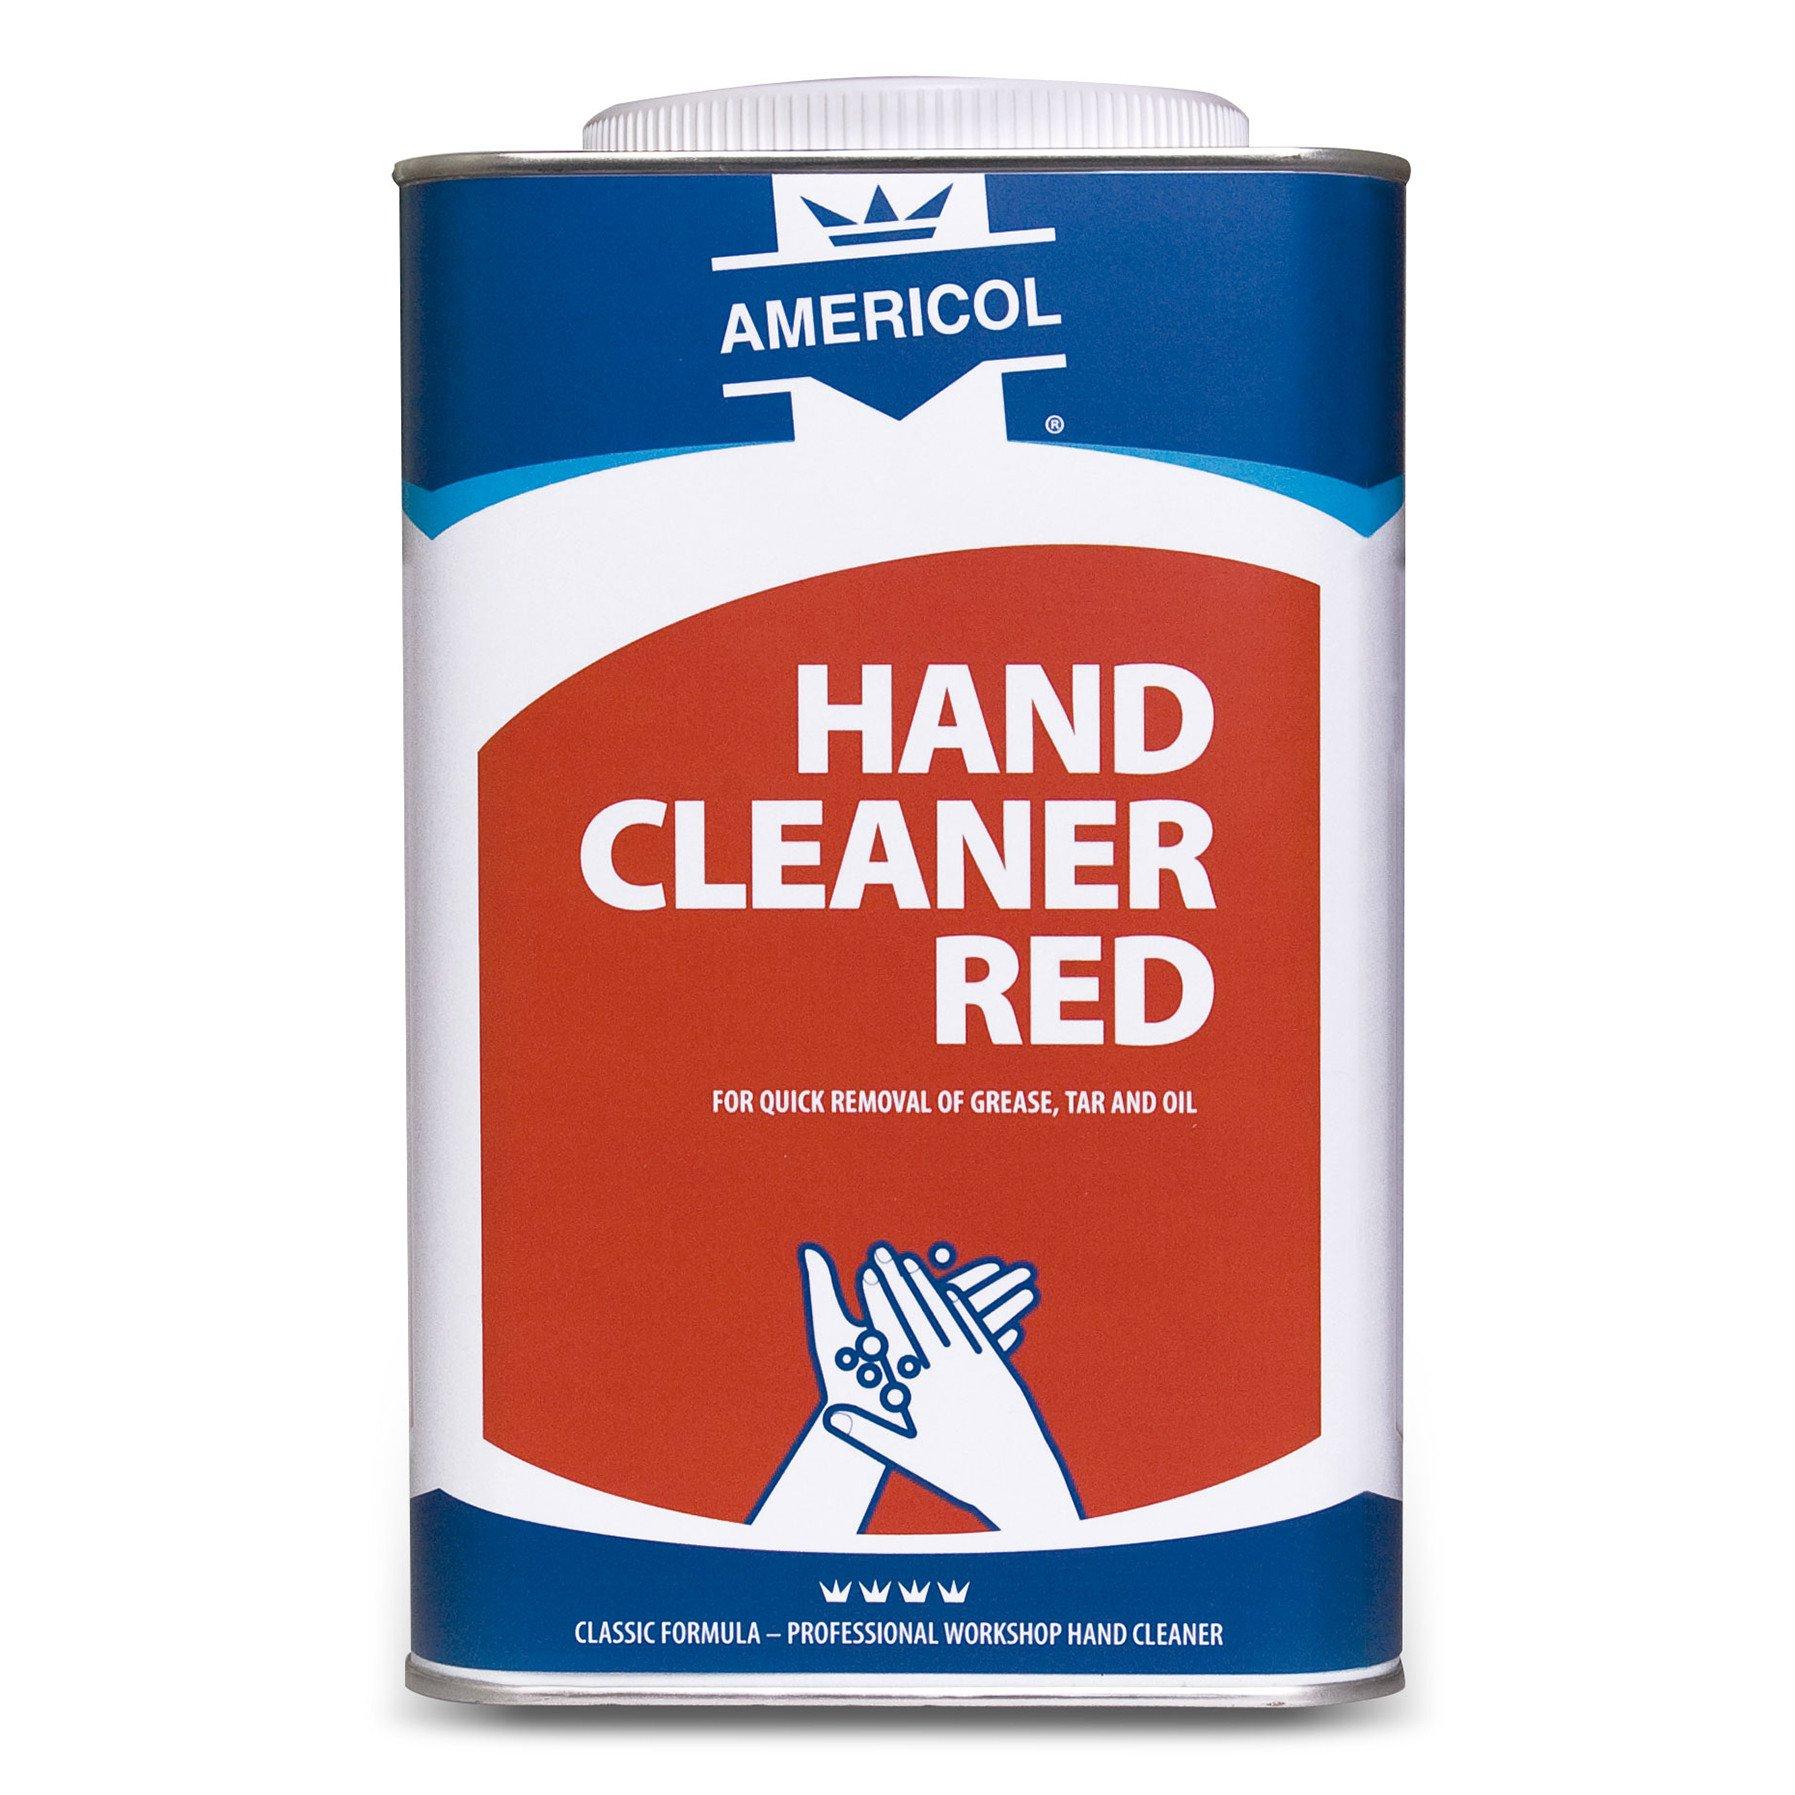 Americol hand cleaner Rood 4,5 Liter blik